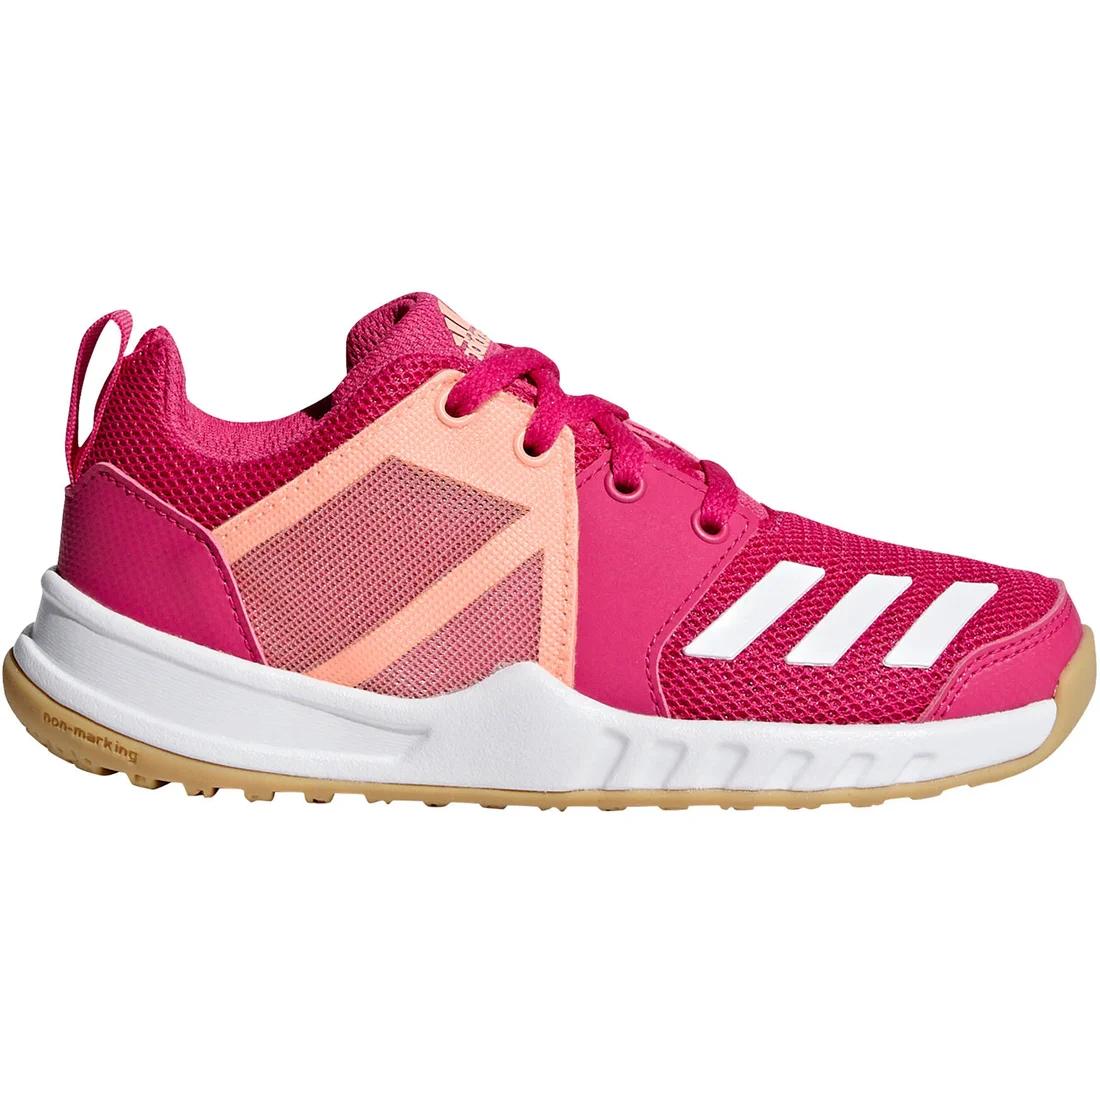 adidas Kids Fortagym Sportschuhe, Gr. 35 - 39 inkl. Versandkosten